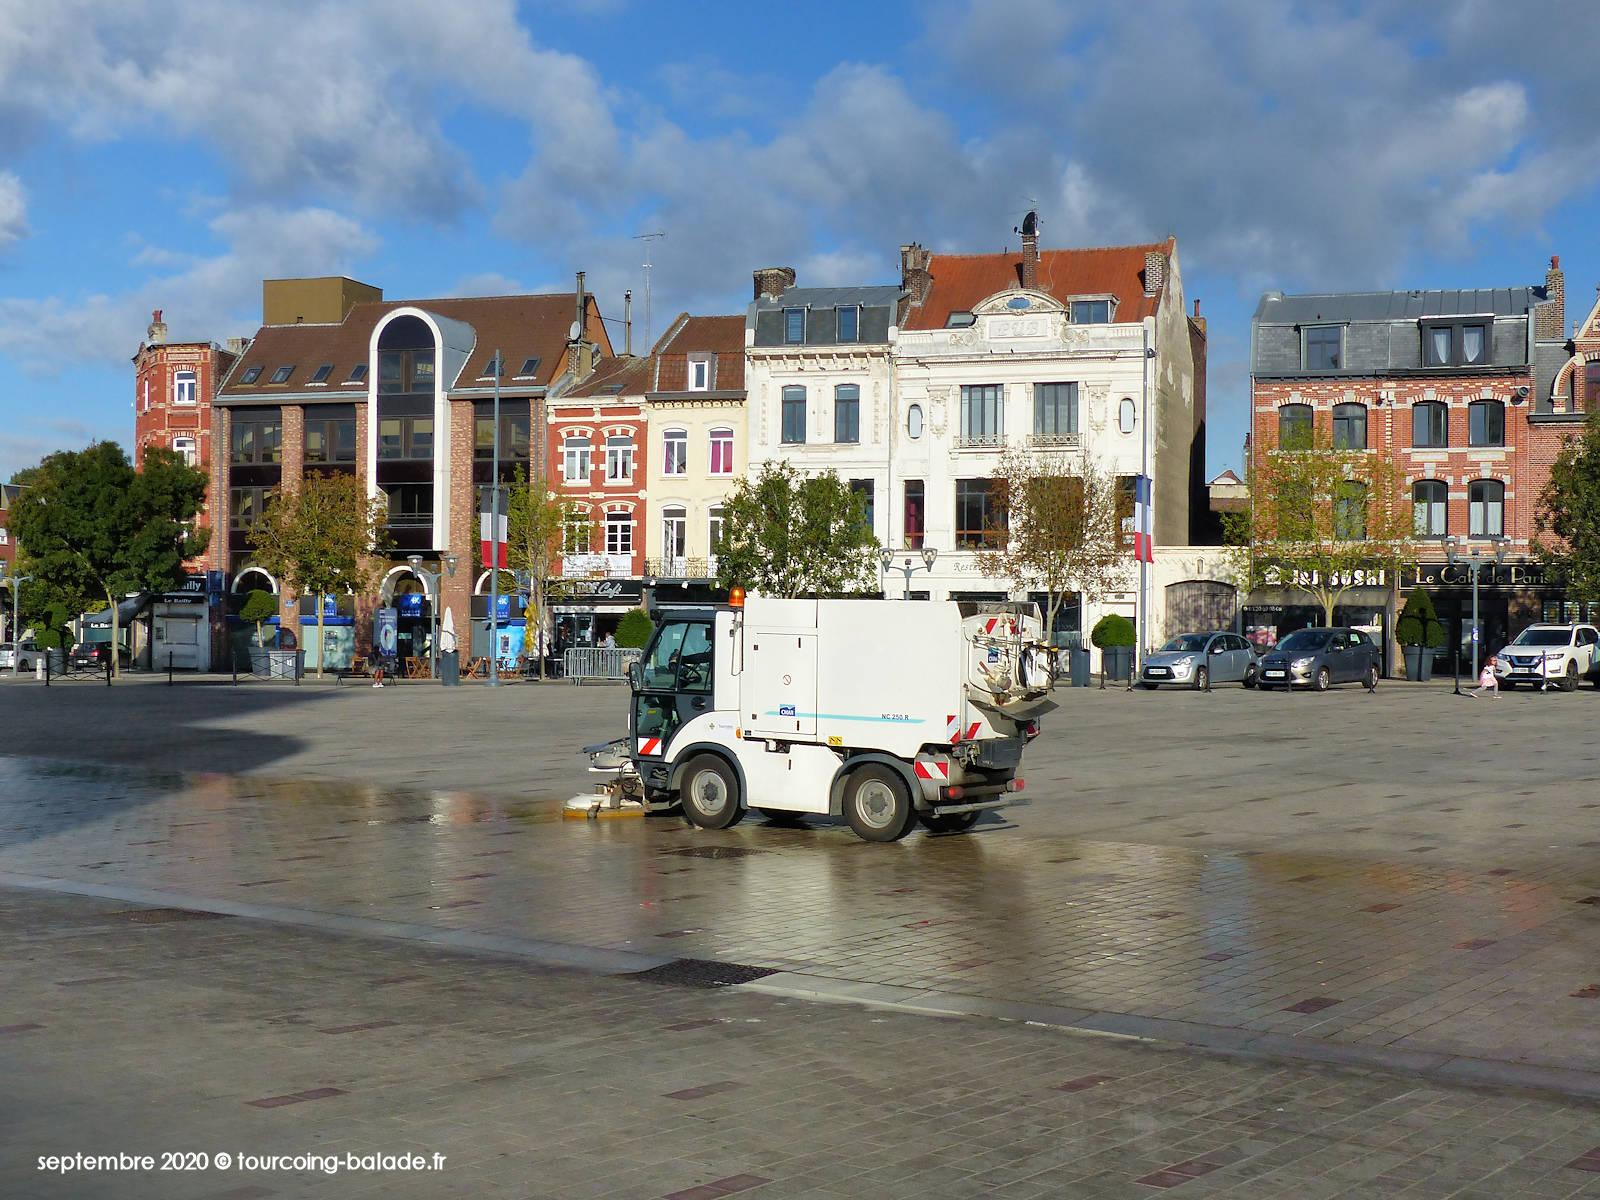 Tourcoing Propreté - Nettoyage de la Place de la République